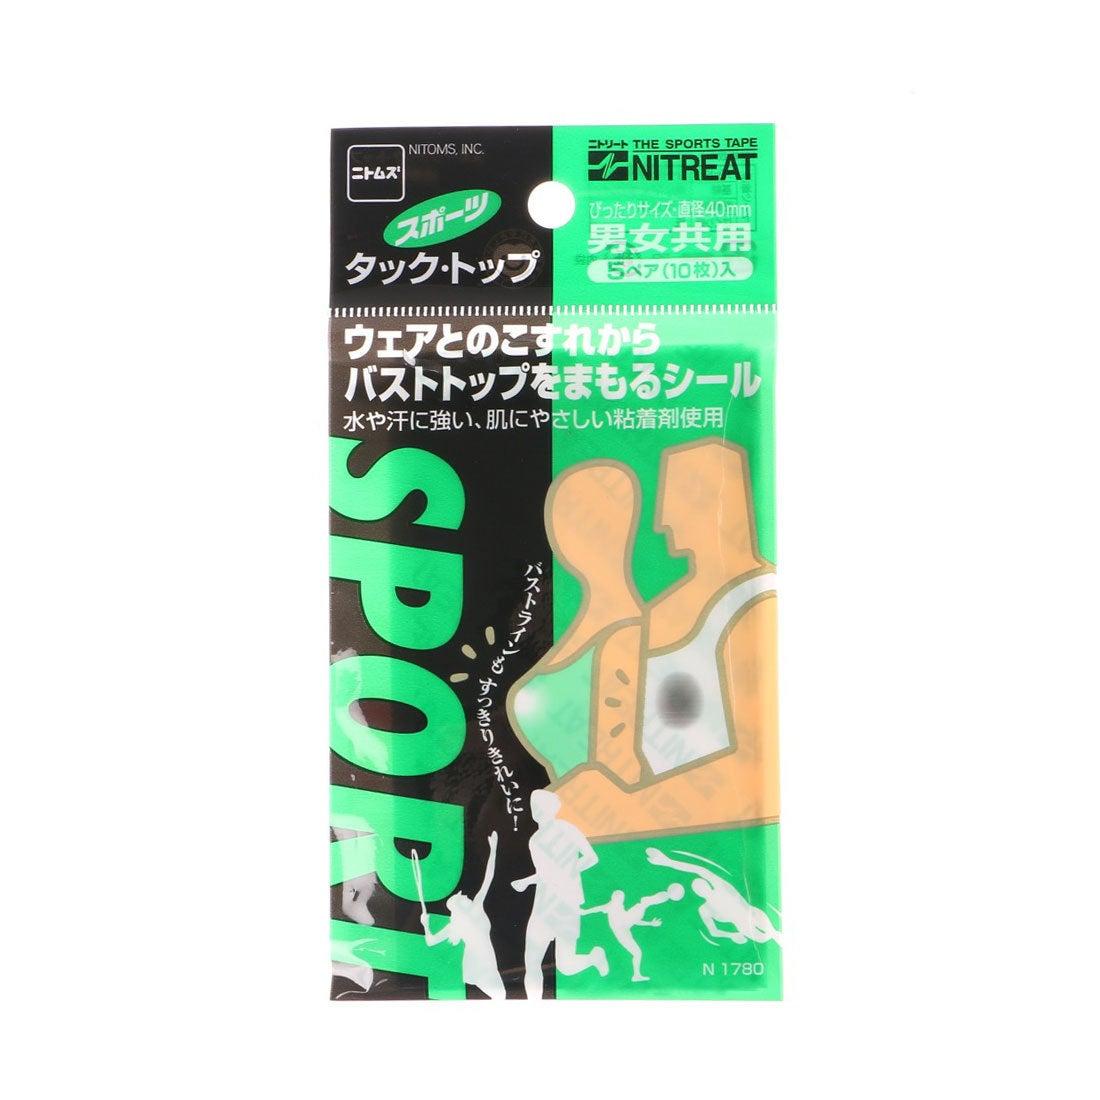 スポーツデポ SPORTS DEPO 雑貨 スポーツタック・トップ タックトップ